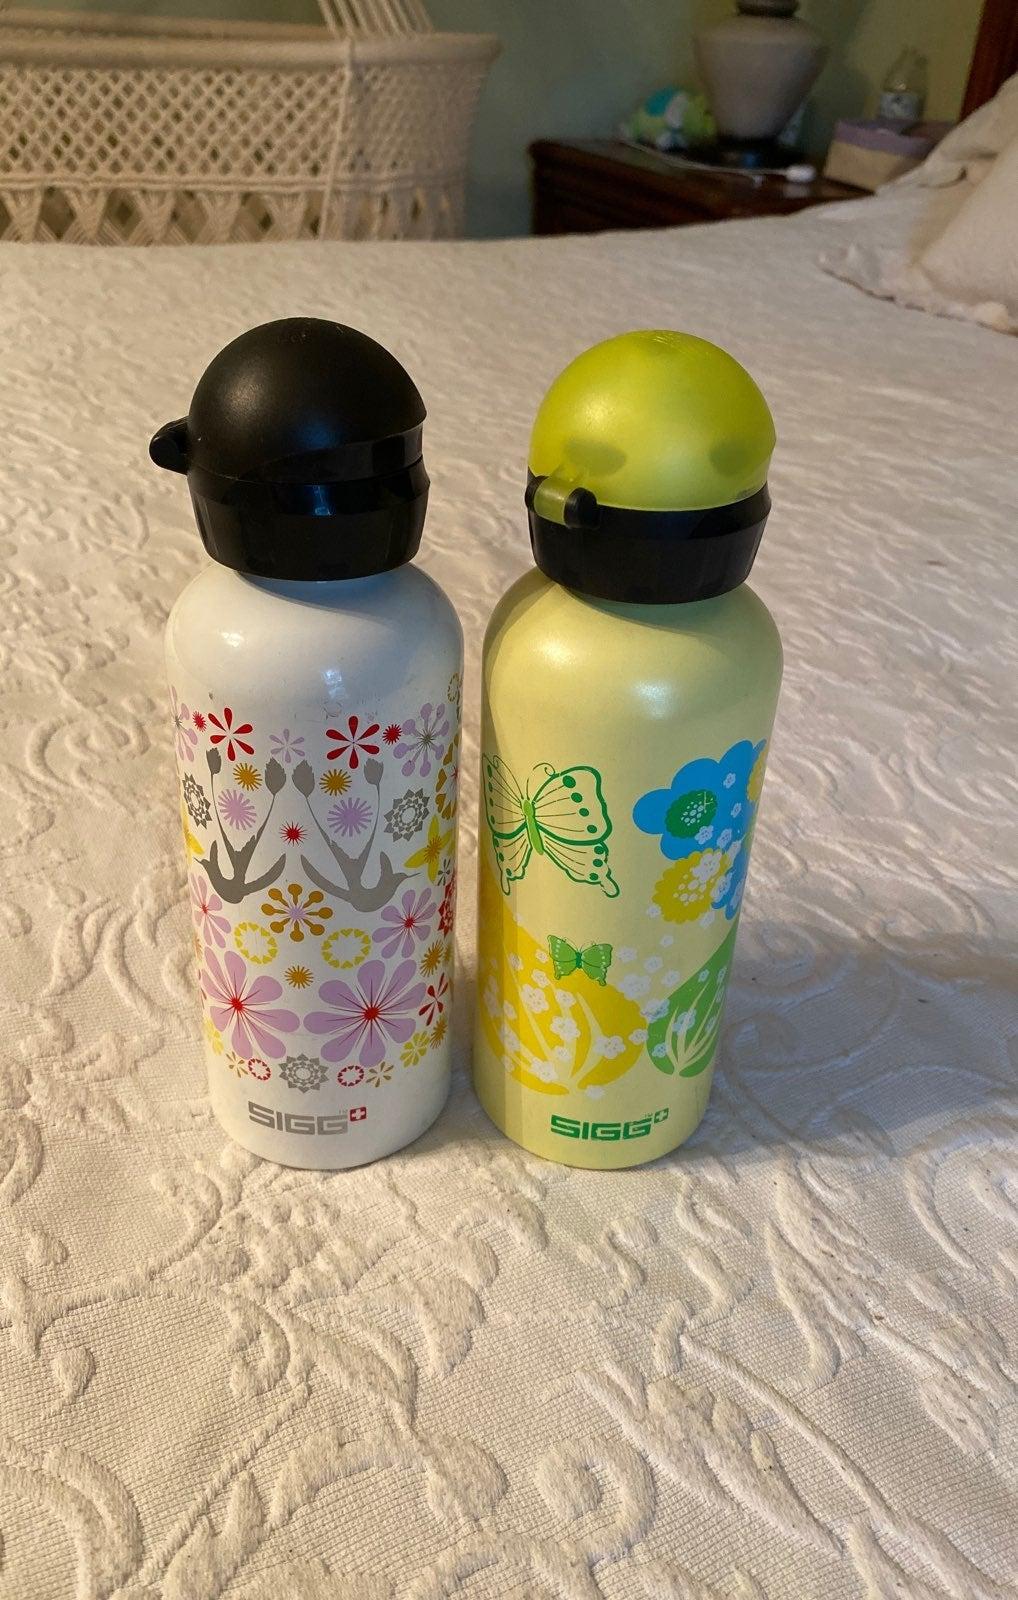 2 Sigg Switzerland Ltd. Water Bottles